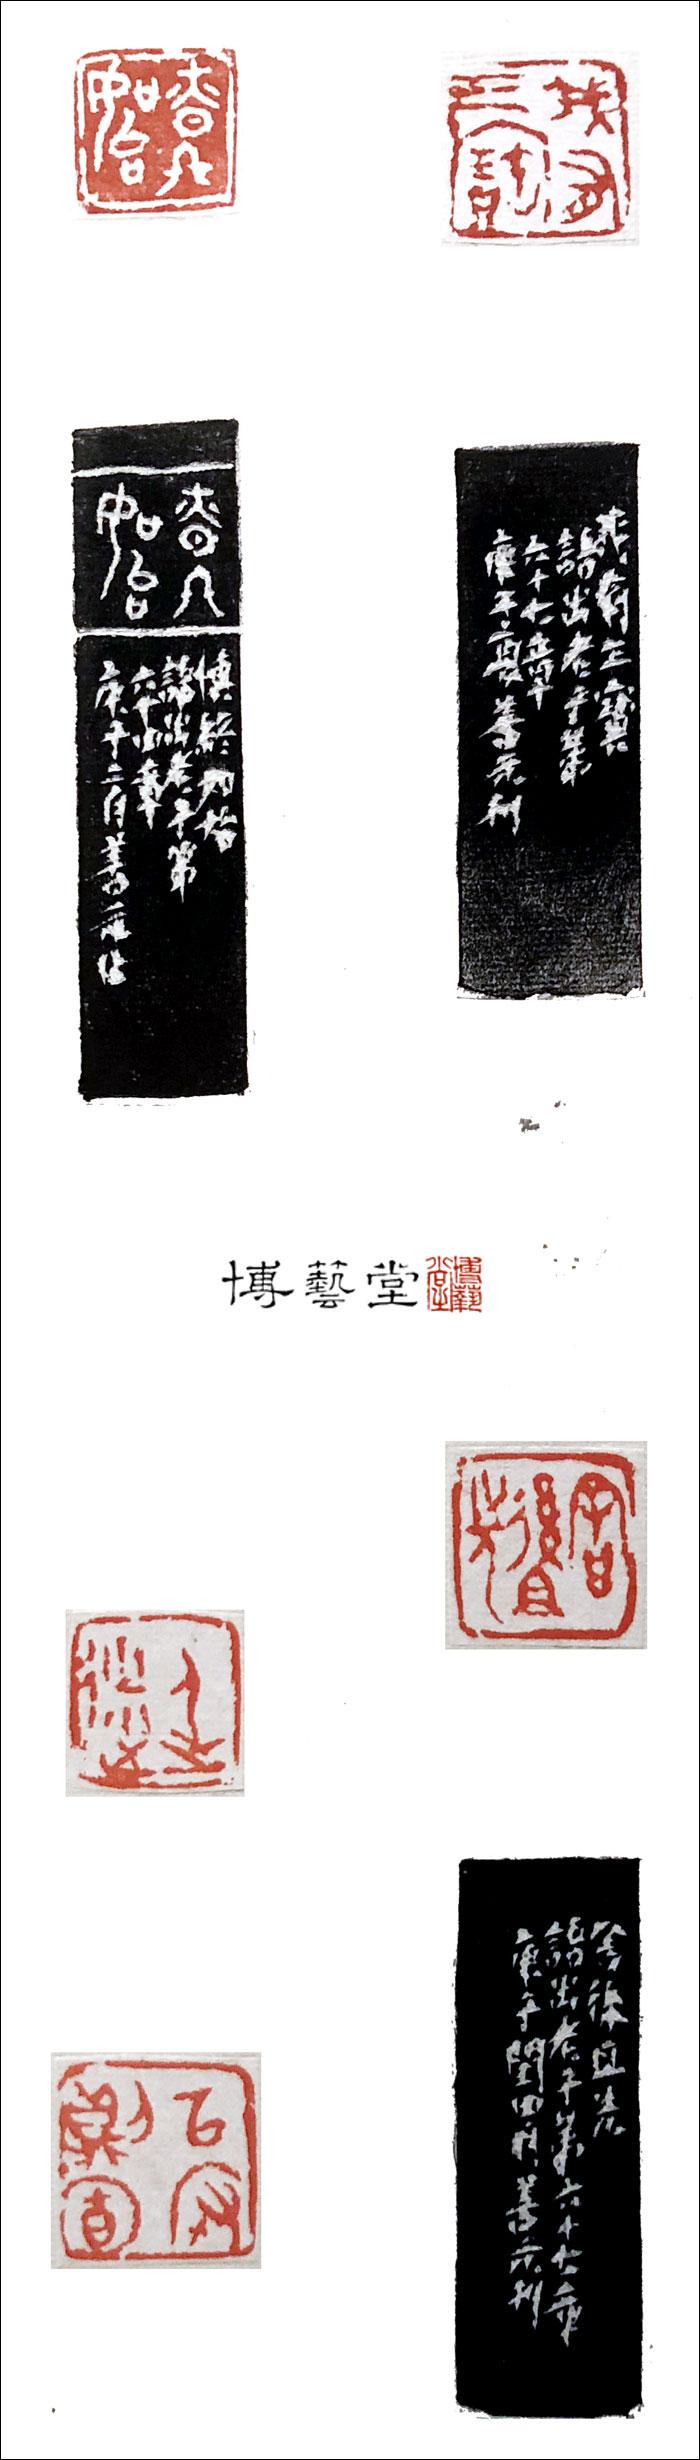 河南省首届草书作品展河南省第六届篆刻艺术展作品精选